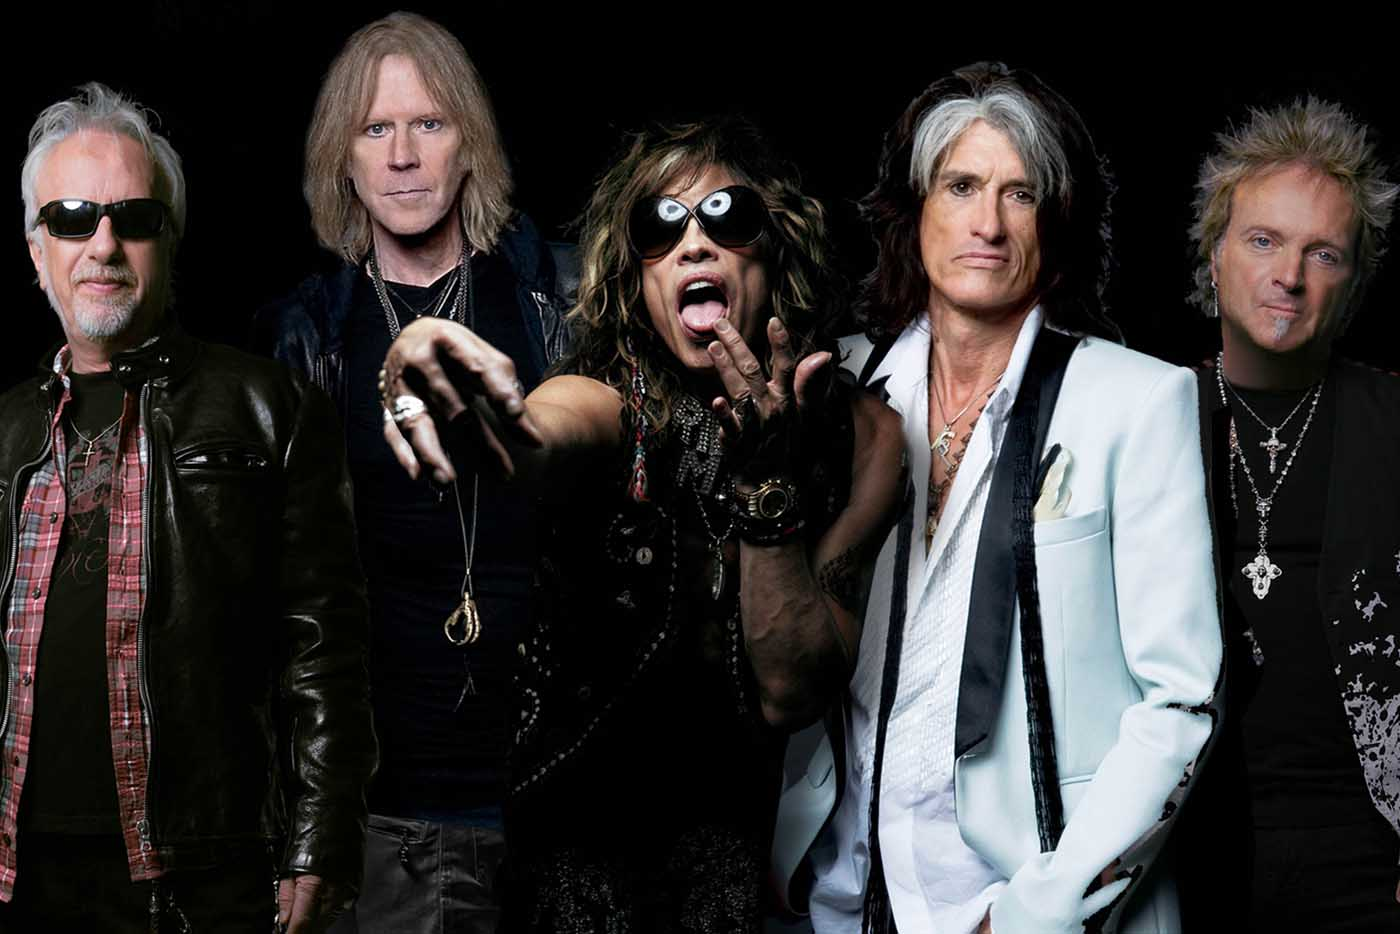 La gira de despedida de Aerosmith pasará por Madrid y Barcelona